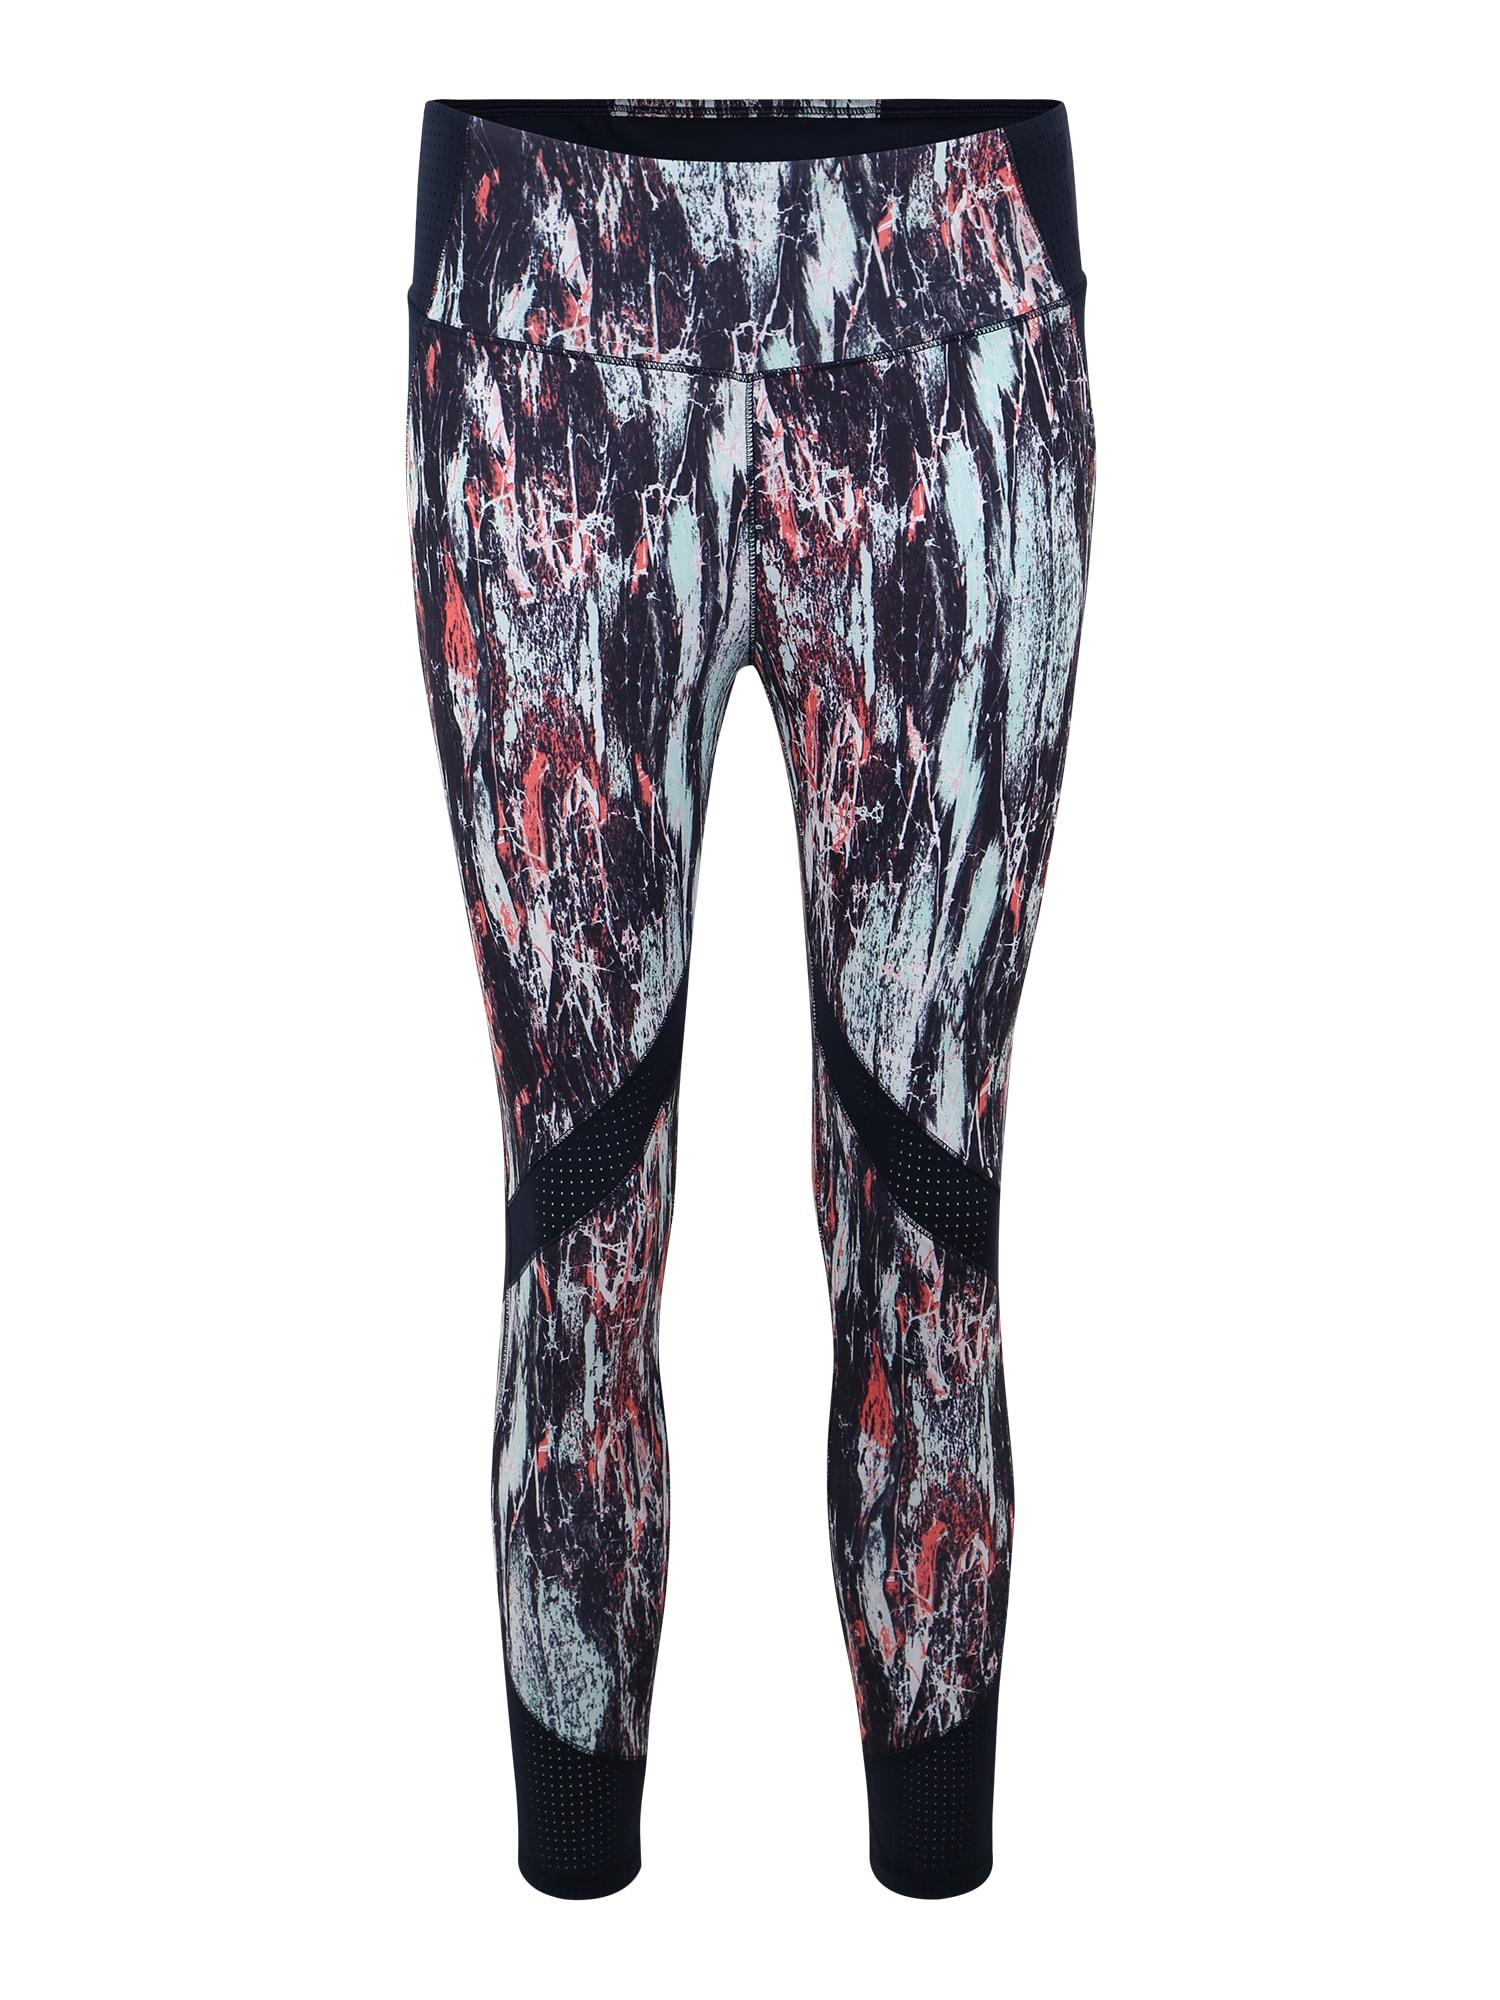 Sportovní kalhoty modrá mix barev růžová černá ESPRIT SPORTS